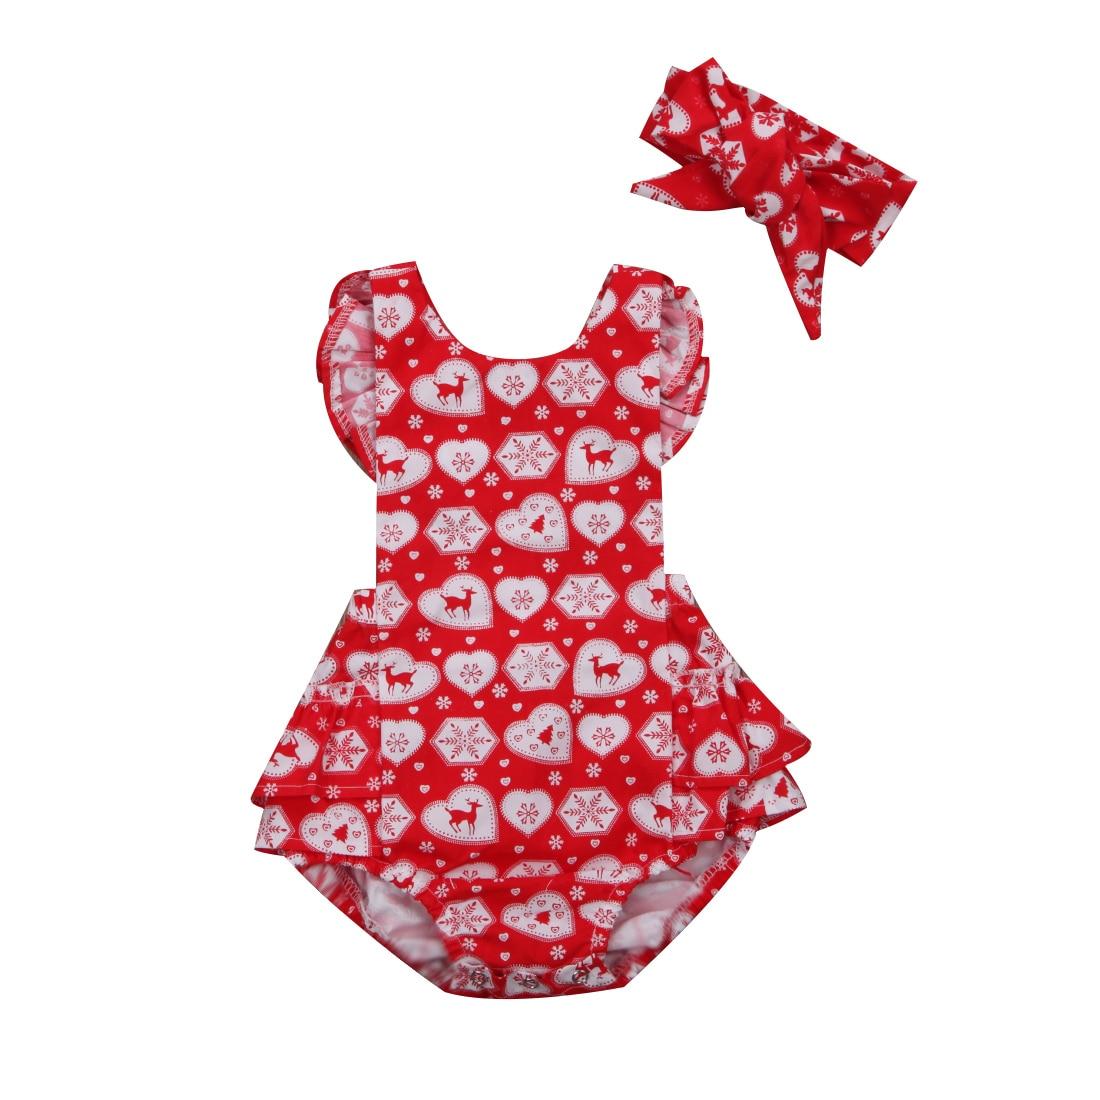 Милые рождественские малышей Комбинезоны для маленьких девочек с рисунком оленя комбинезон без рукавов повязка на голову, комплект одежды ...